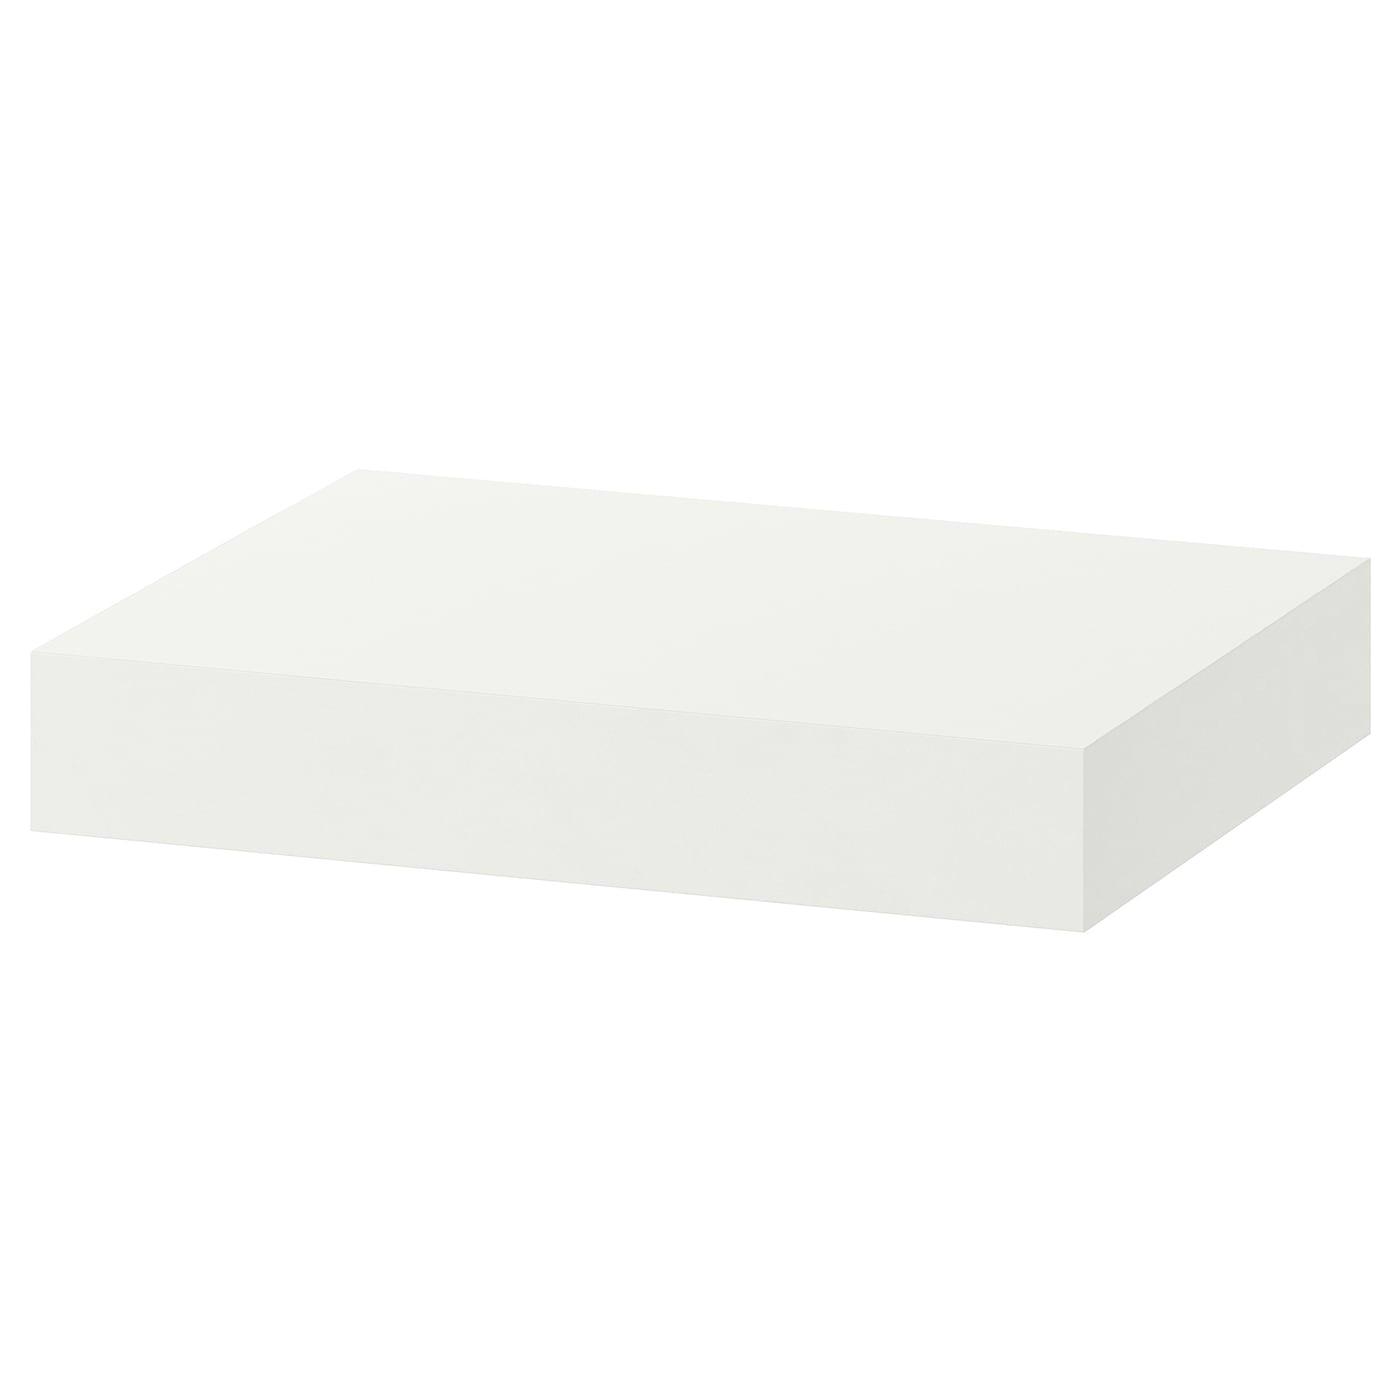 Ikea Lack Wandregal Lack Wandregal 2020 03 25